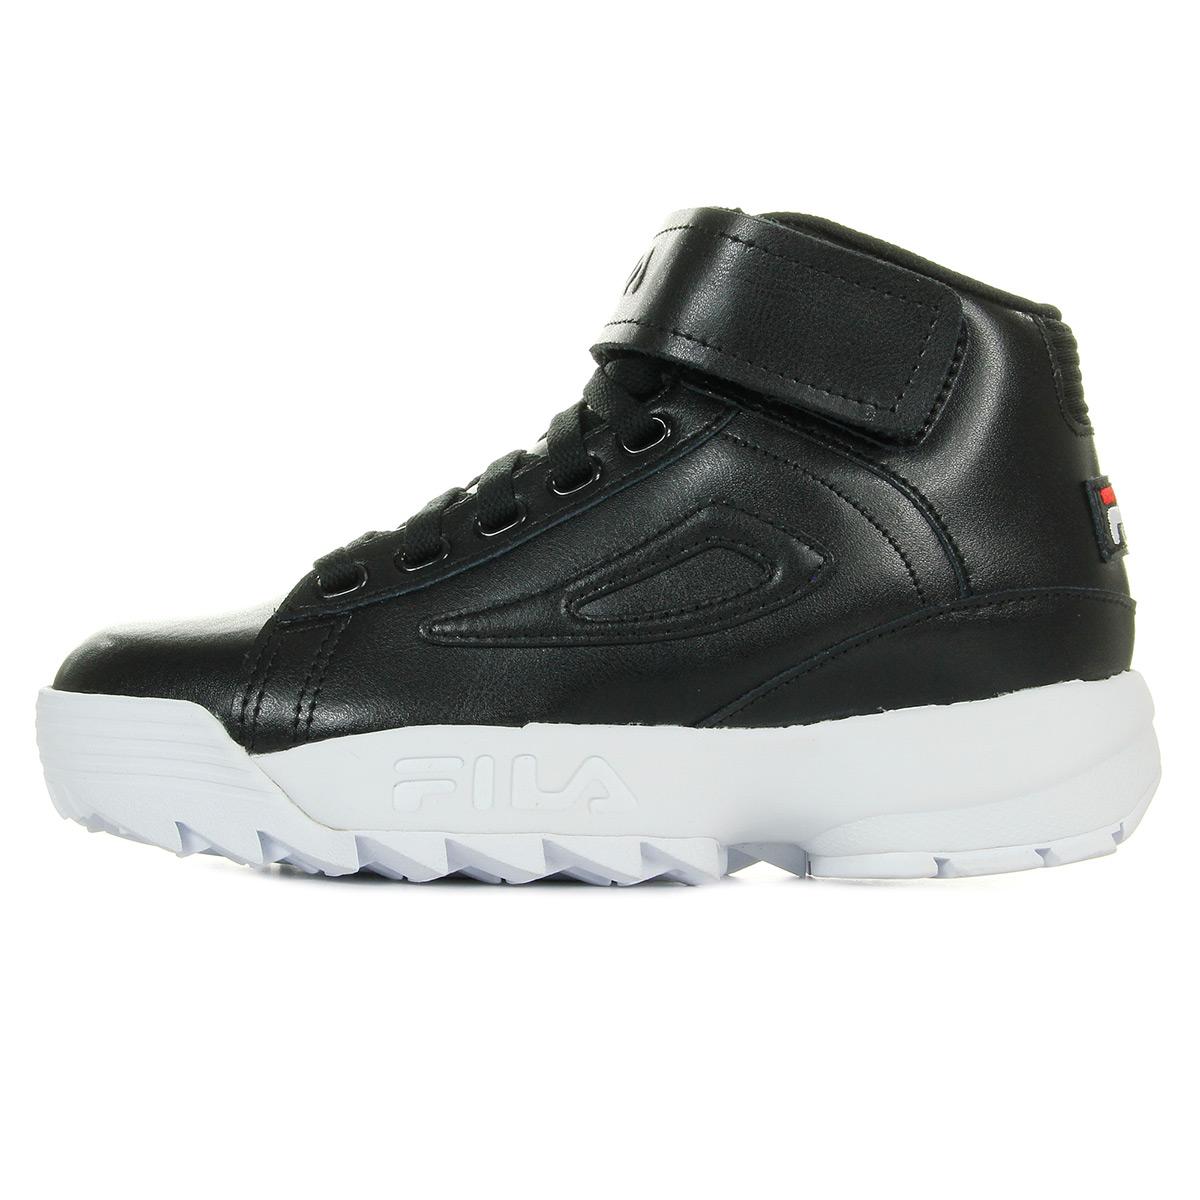 chaussures baskets fila femme disruptor mid wmn black taille noir noire cuir ebay. Black Bedroom Furniture Sets. Home Design Ideas